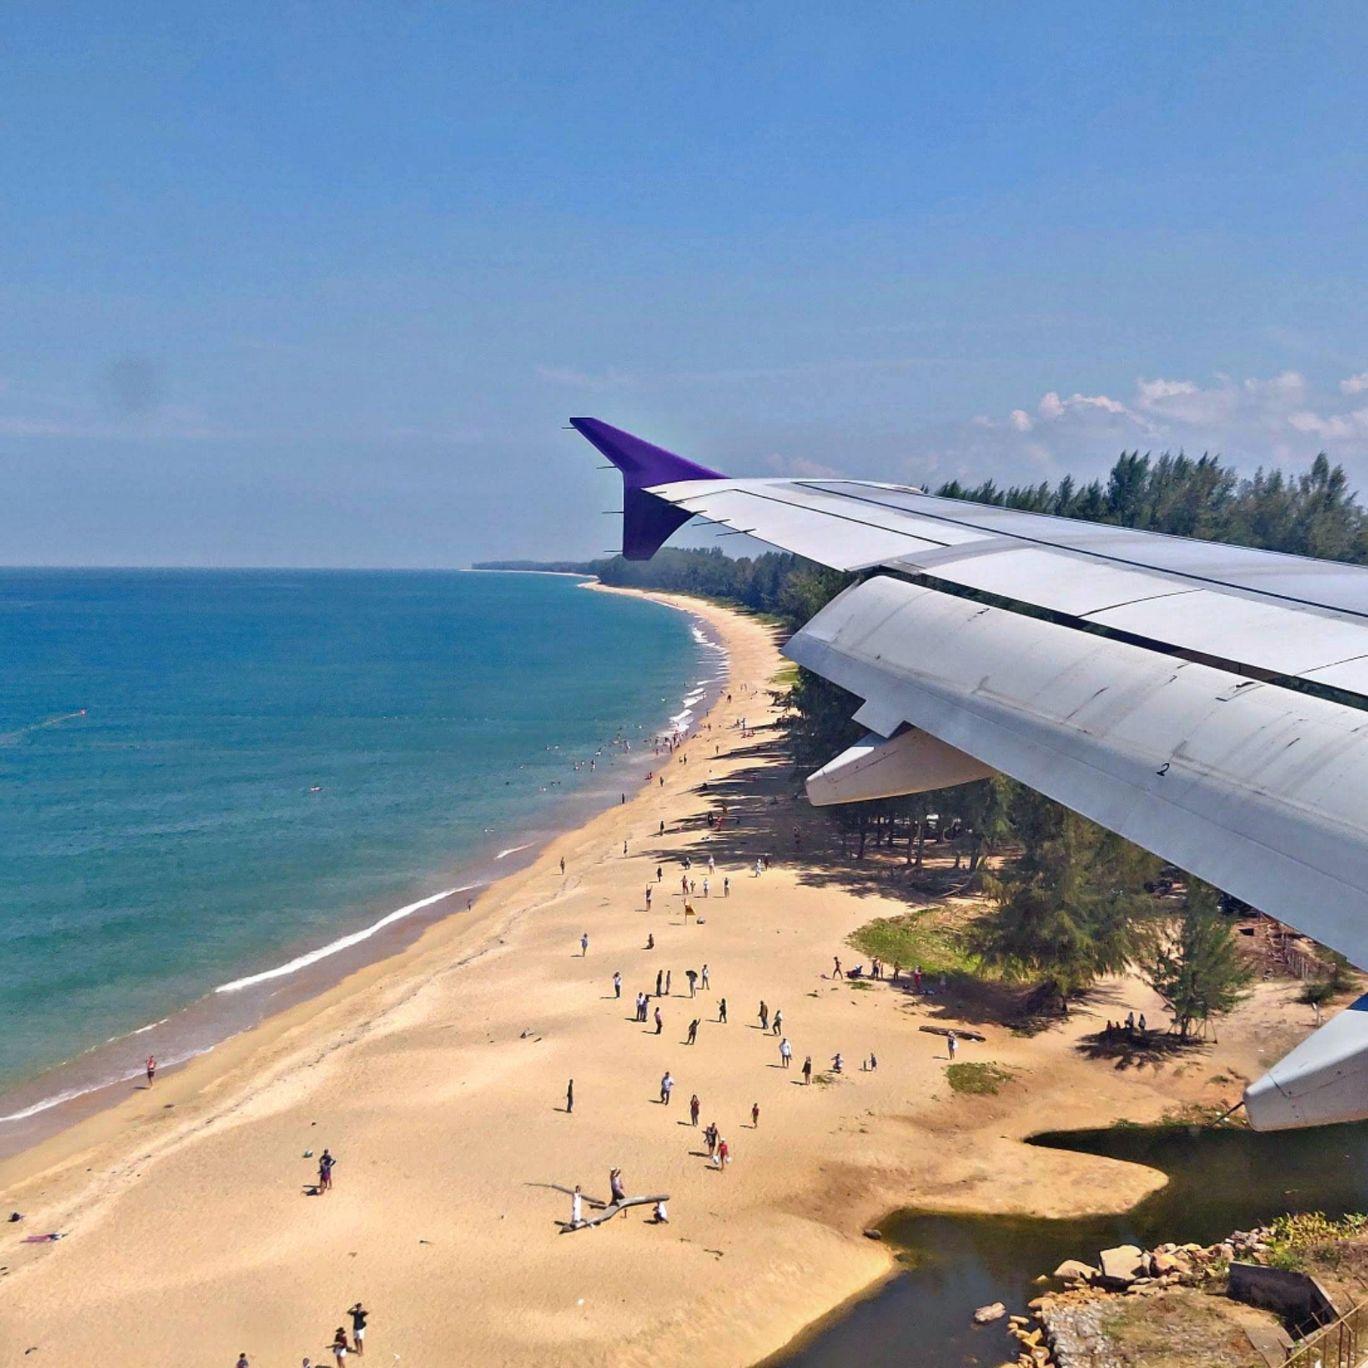 Photo of Phuket International Airport (HKT) By jagruti gaikwad